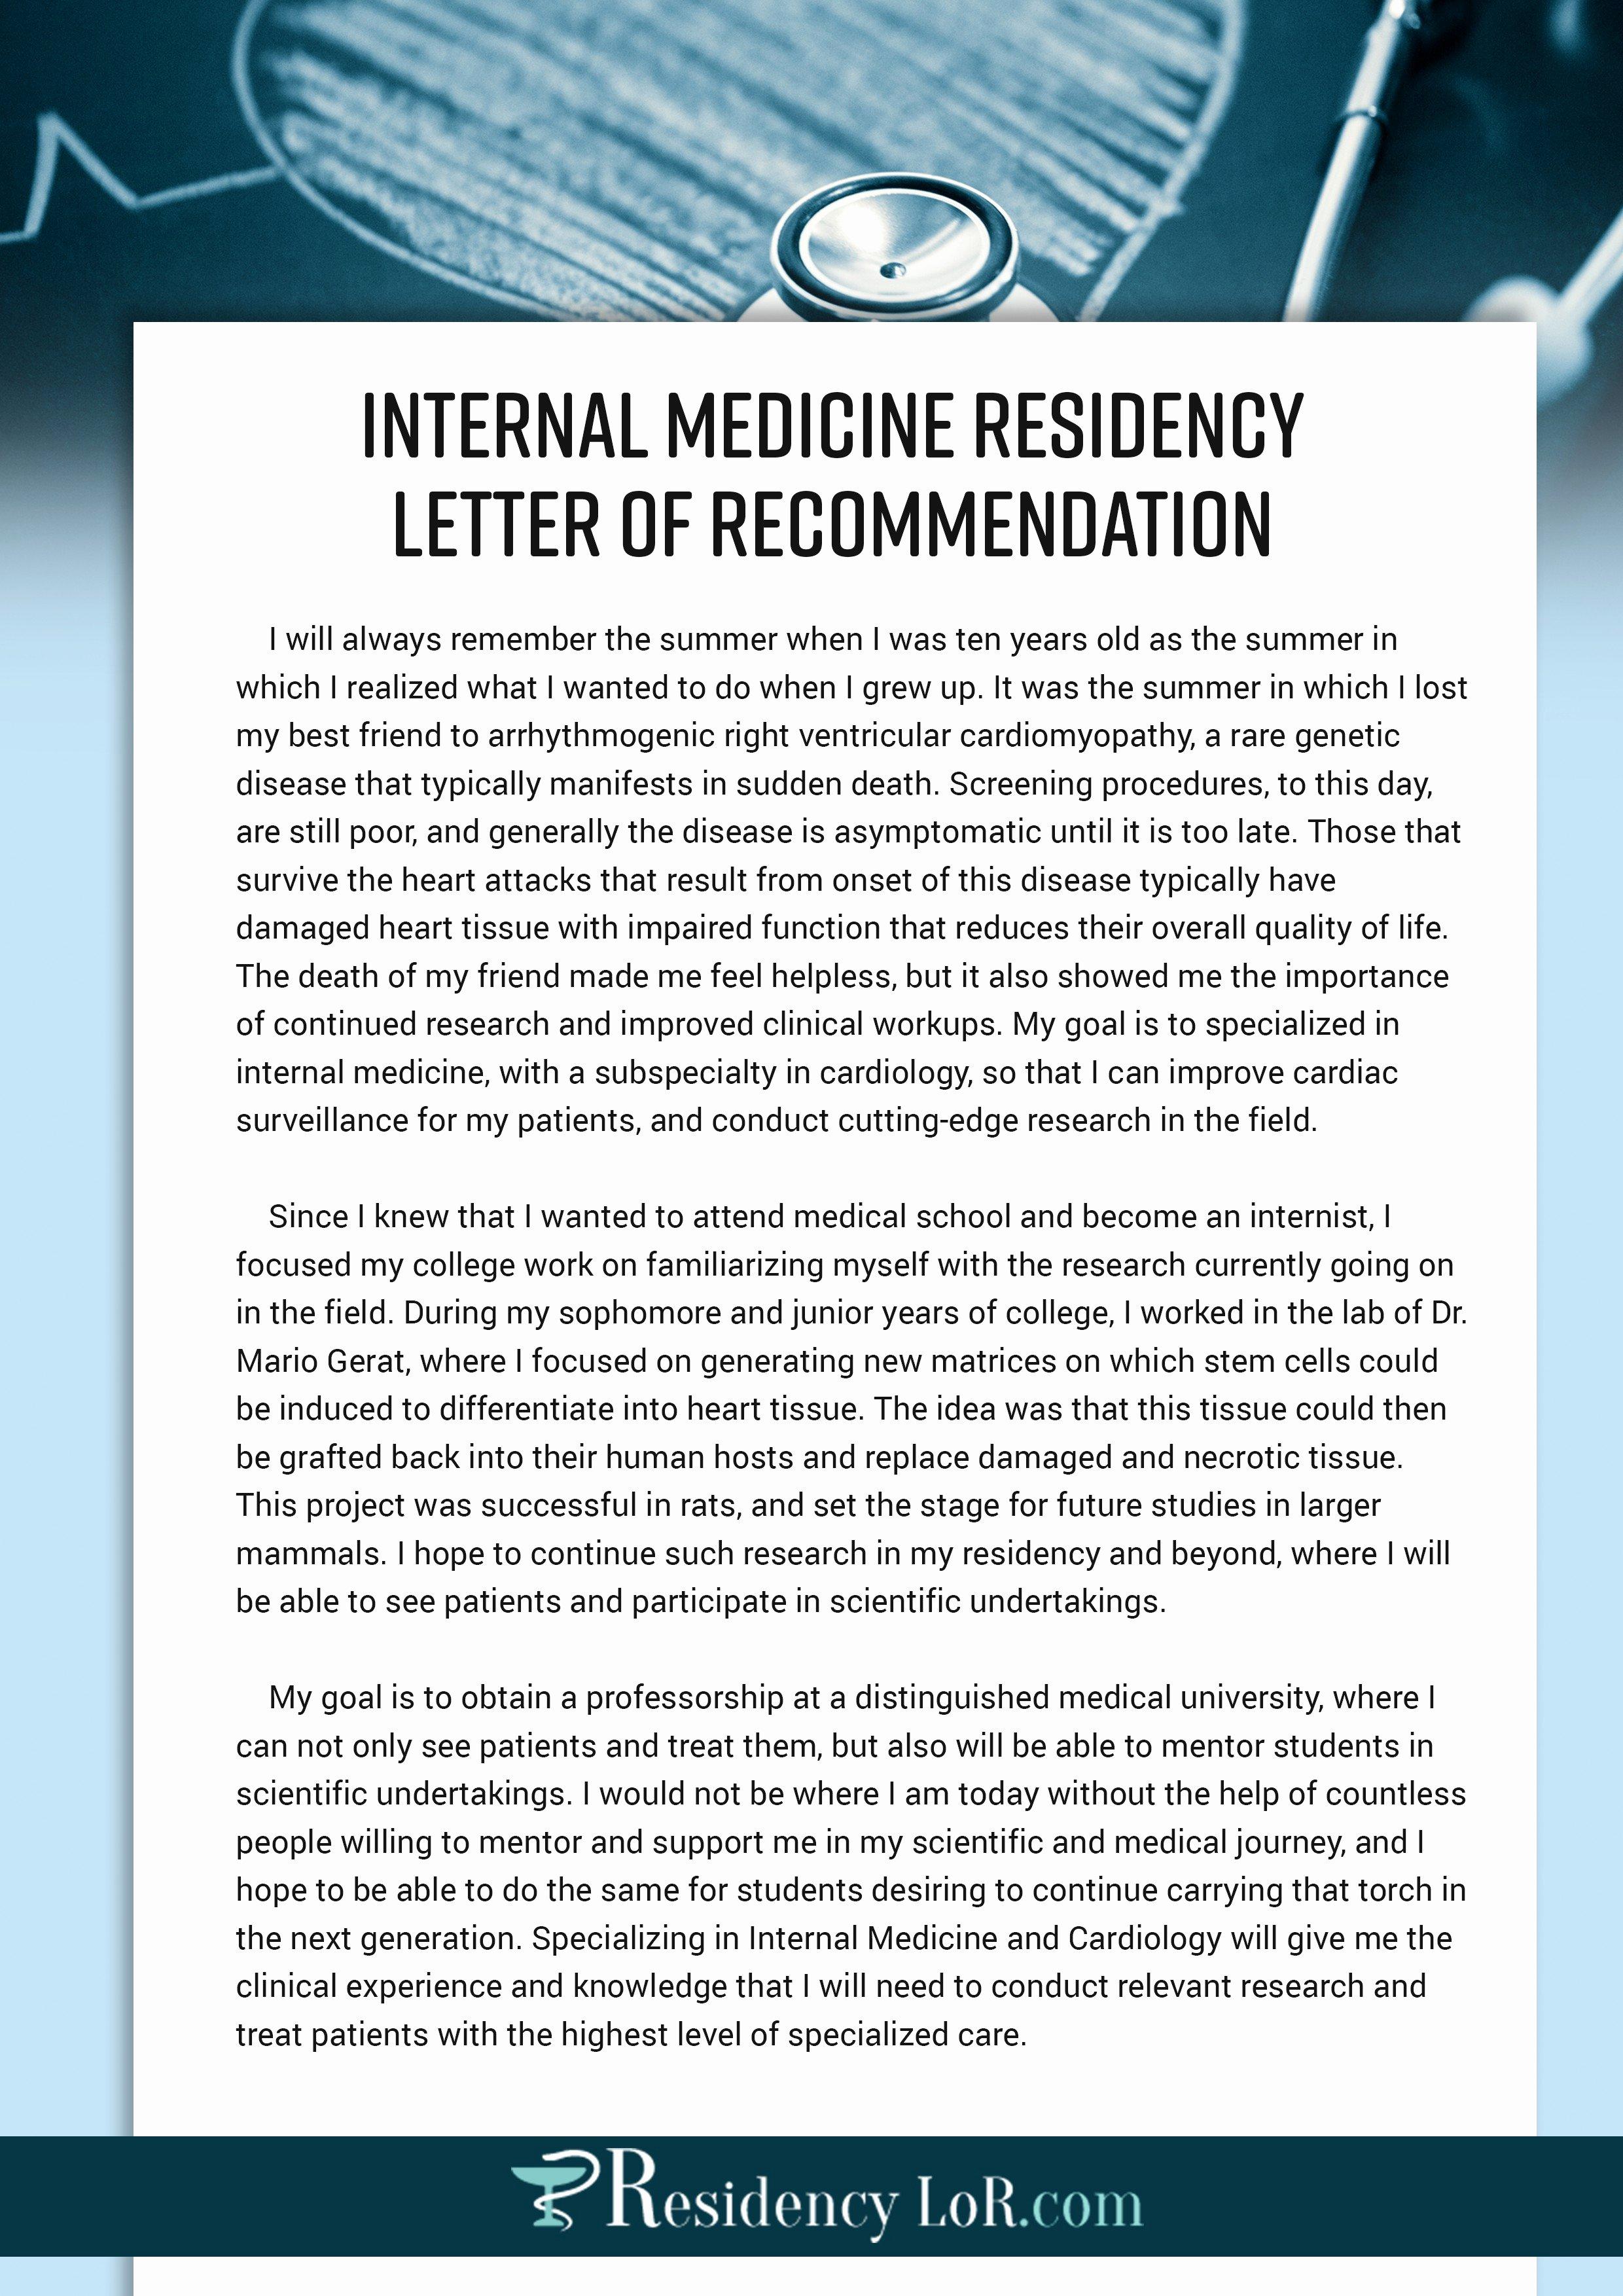 Residency Recommendation Letter Sample Elegant Re Mendation Letter Sample for Medical Residency New